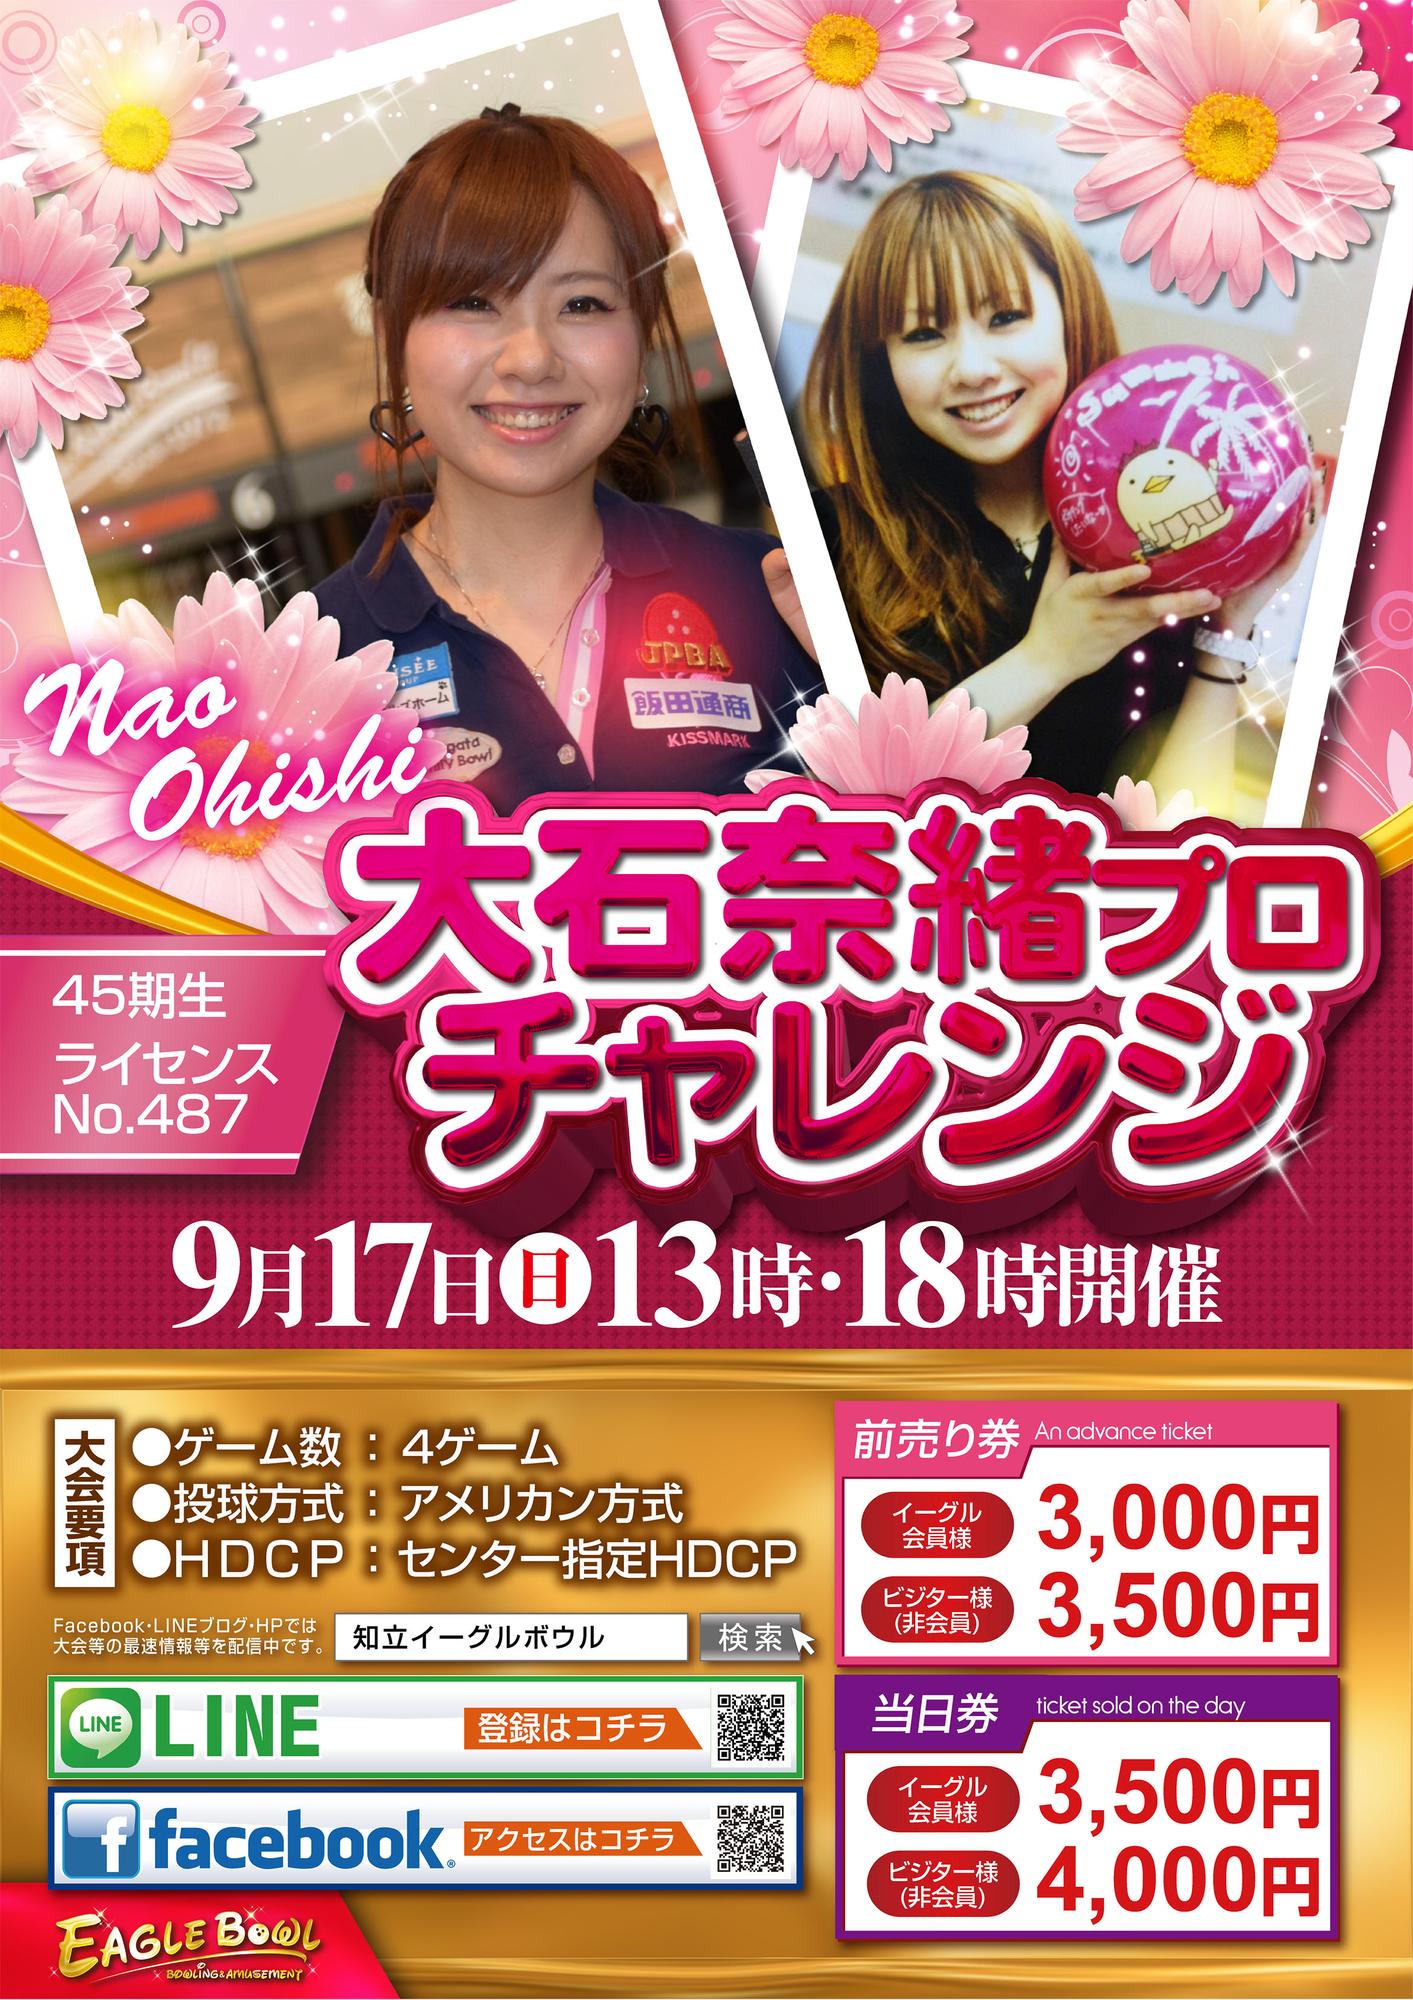 9/17 大石奈緒プロチャレンジ